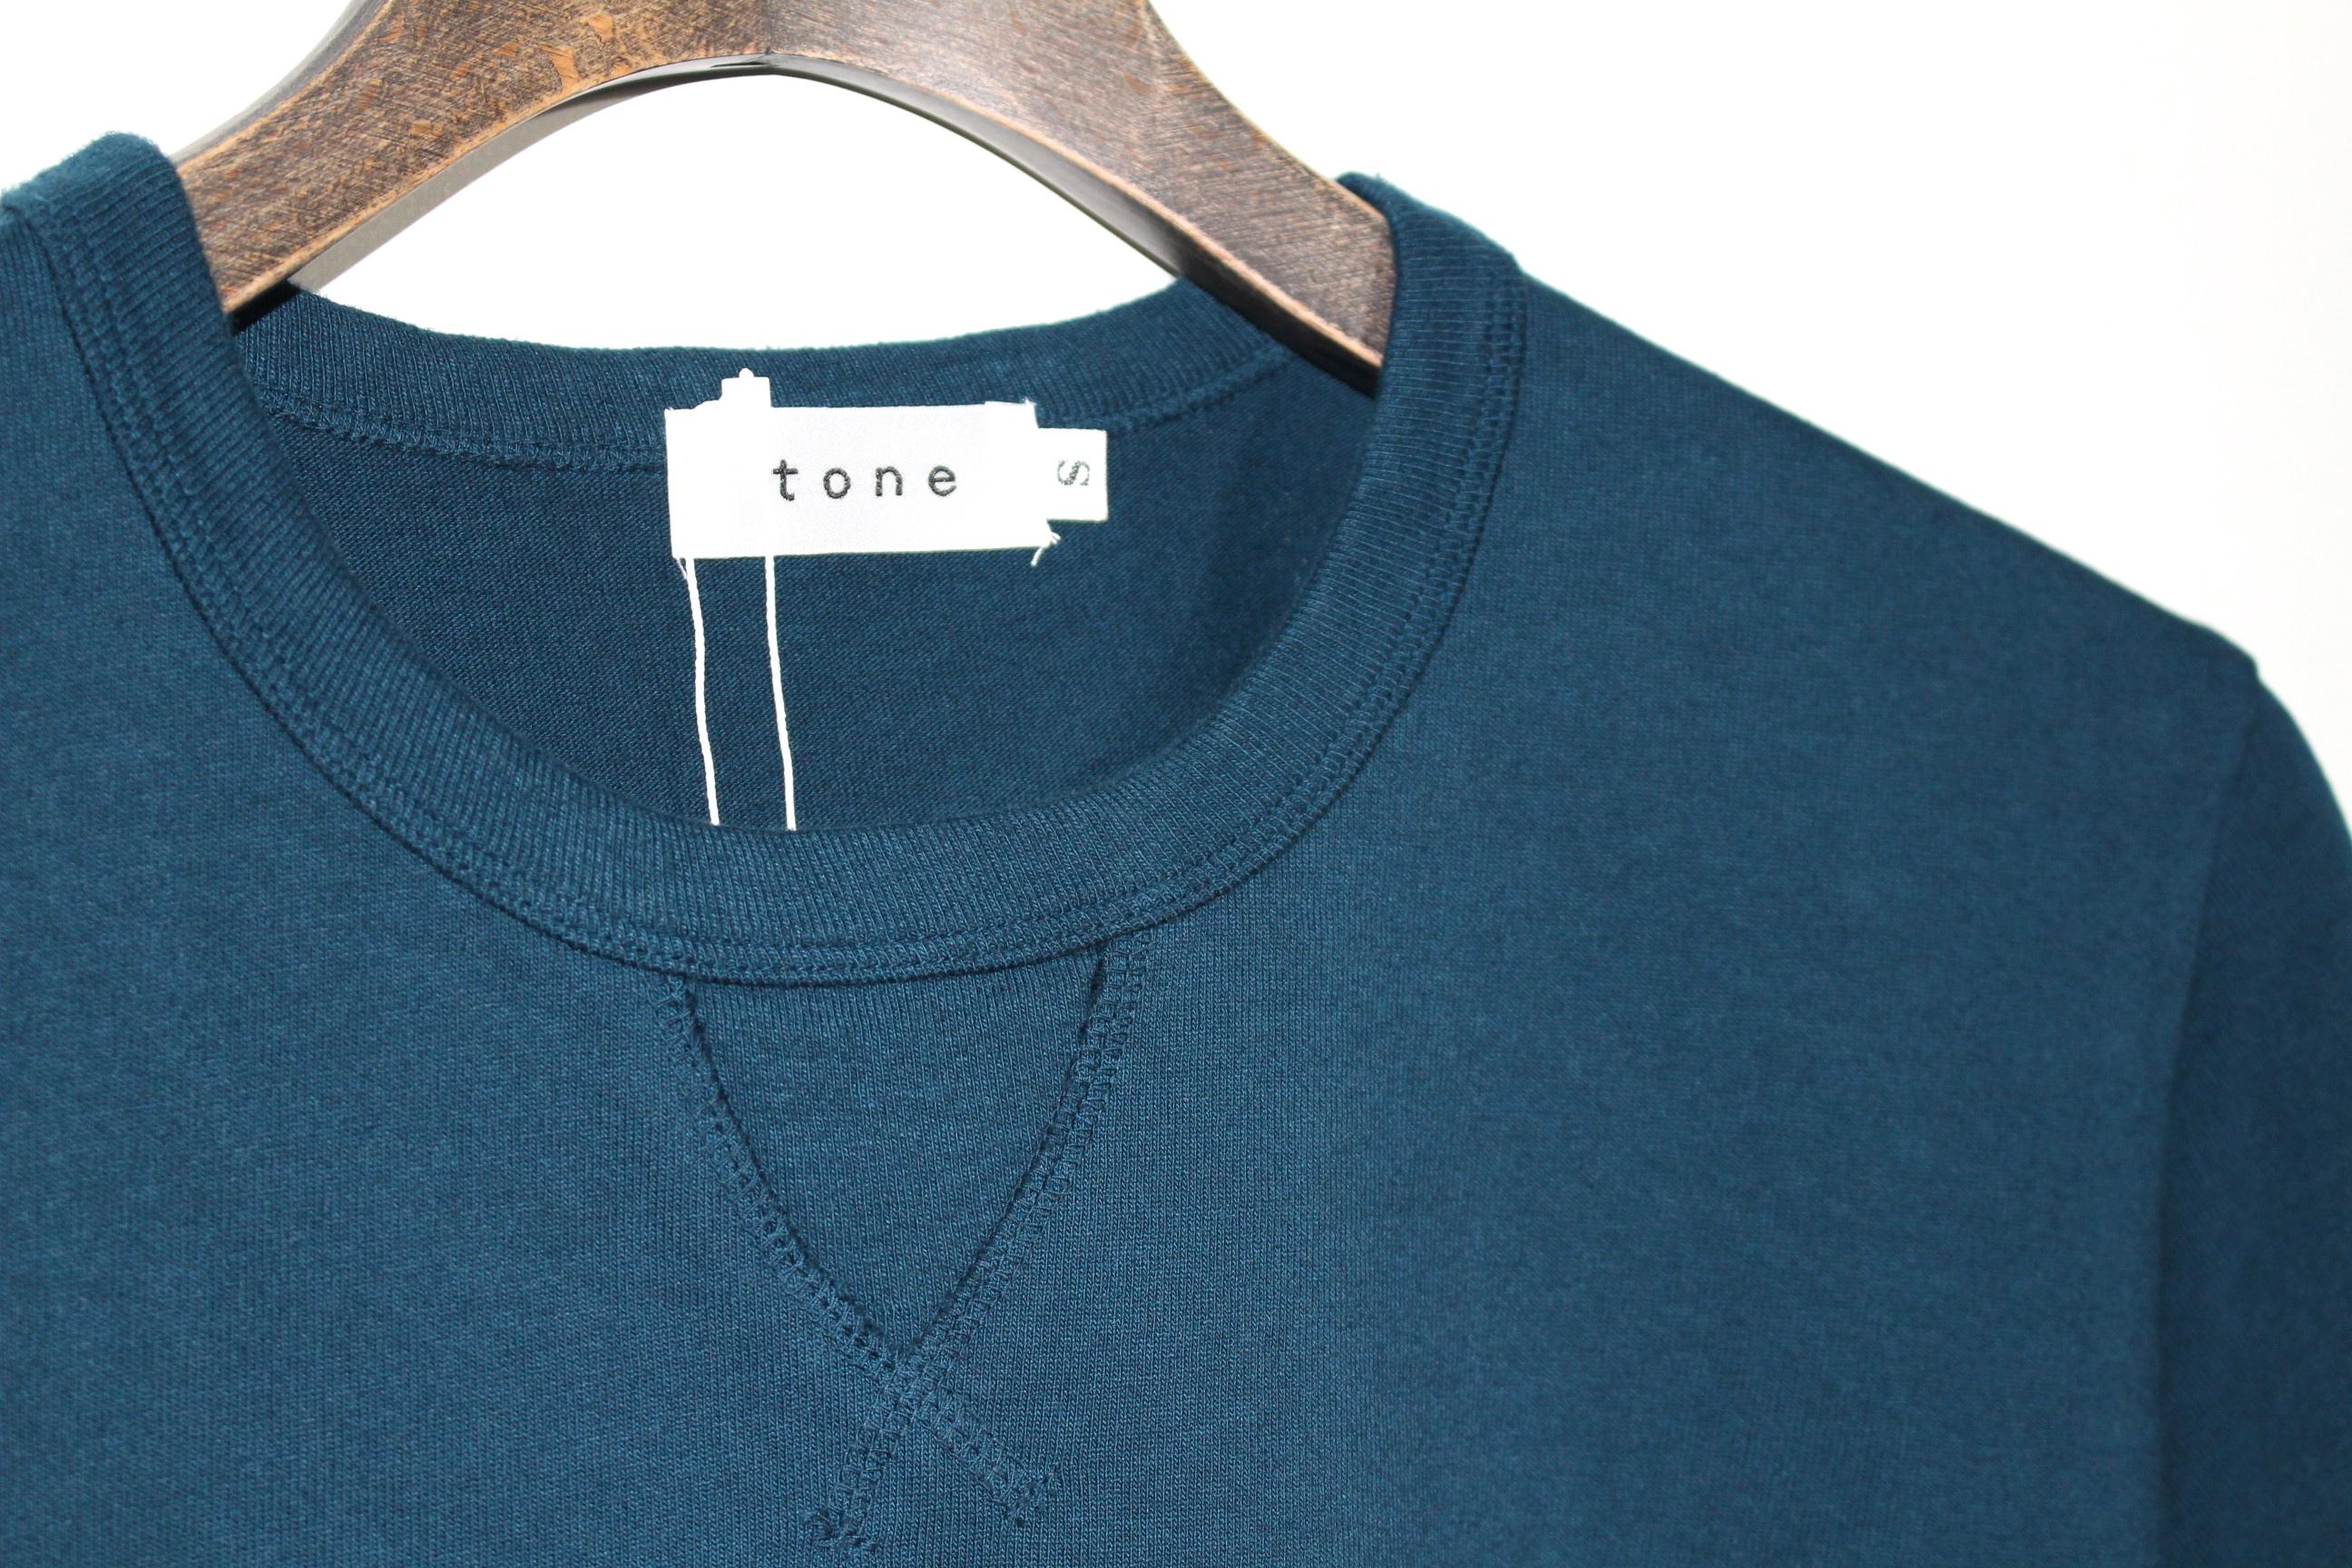 """tone(トーン) """"3 STITCHES TEE(スリーステッチTシャツ)"""""""